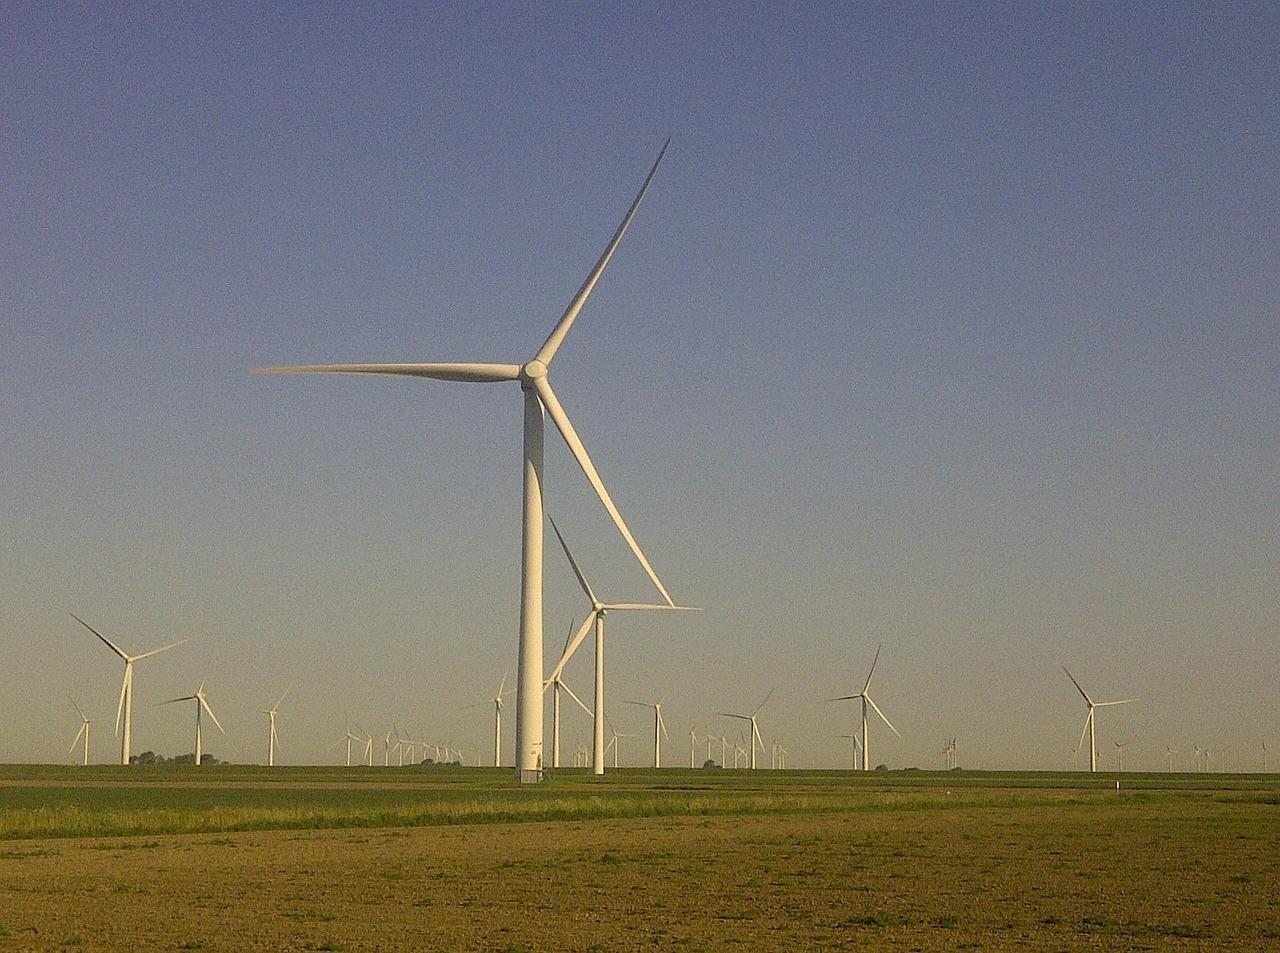 Naturschutzrechtliche Ersatzzahlungen für Windkraftanlagen